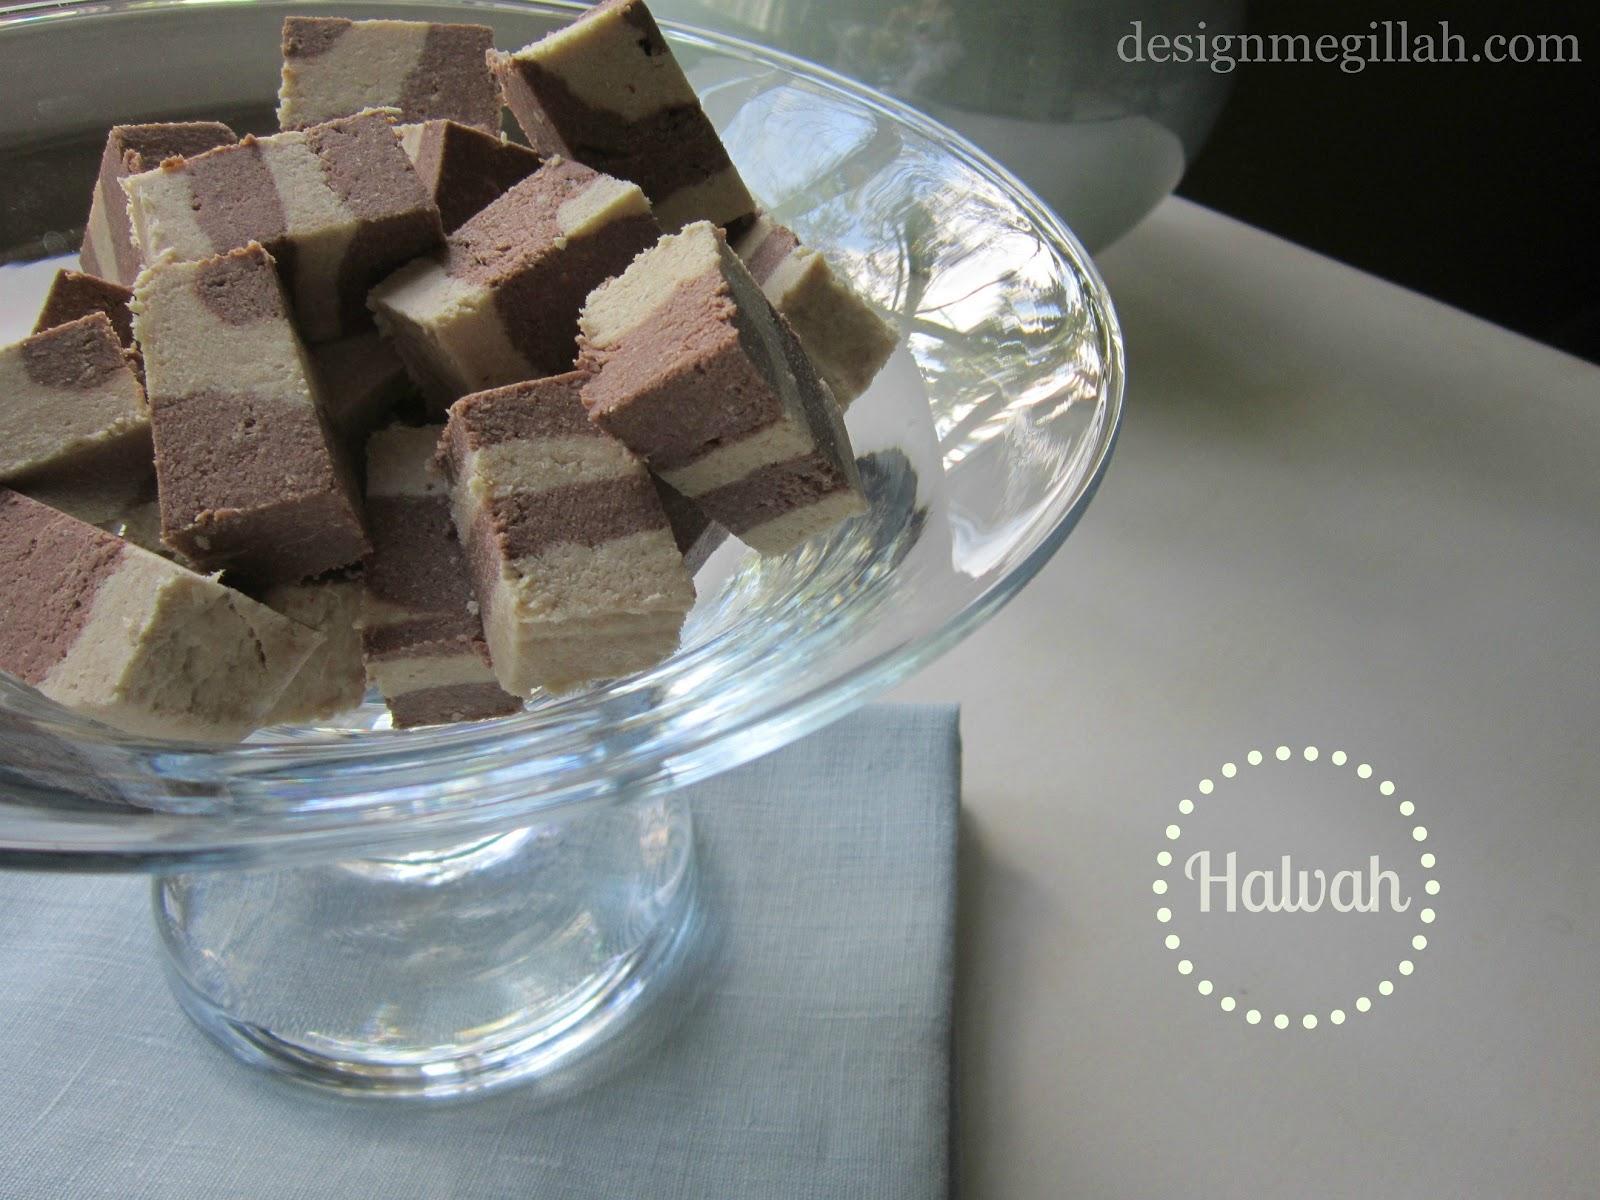 ... Halvah http://www.designmegillah.com/2012/04/kosher-delights-halvah